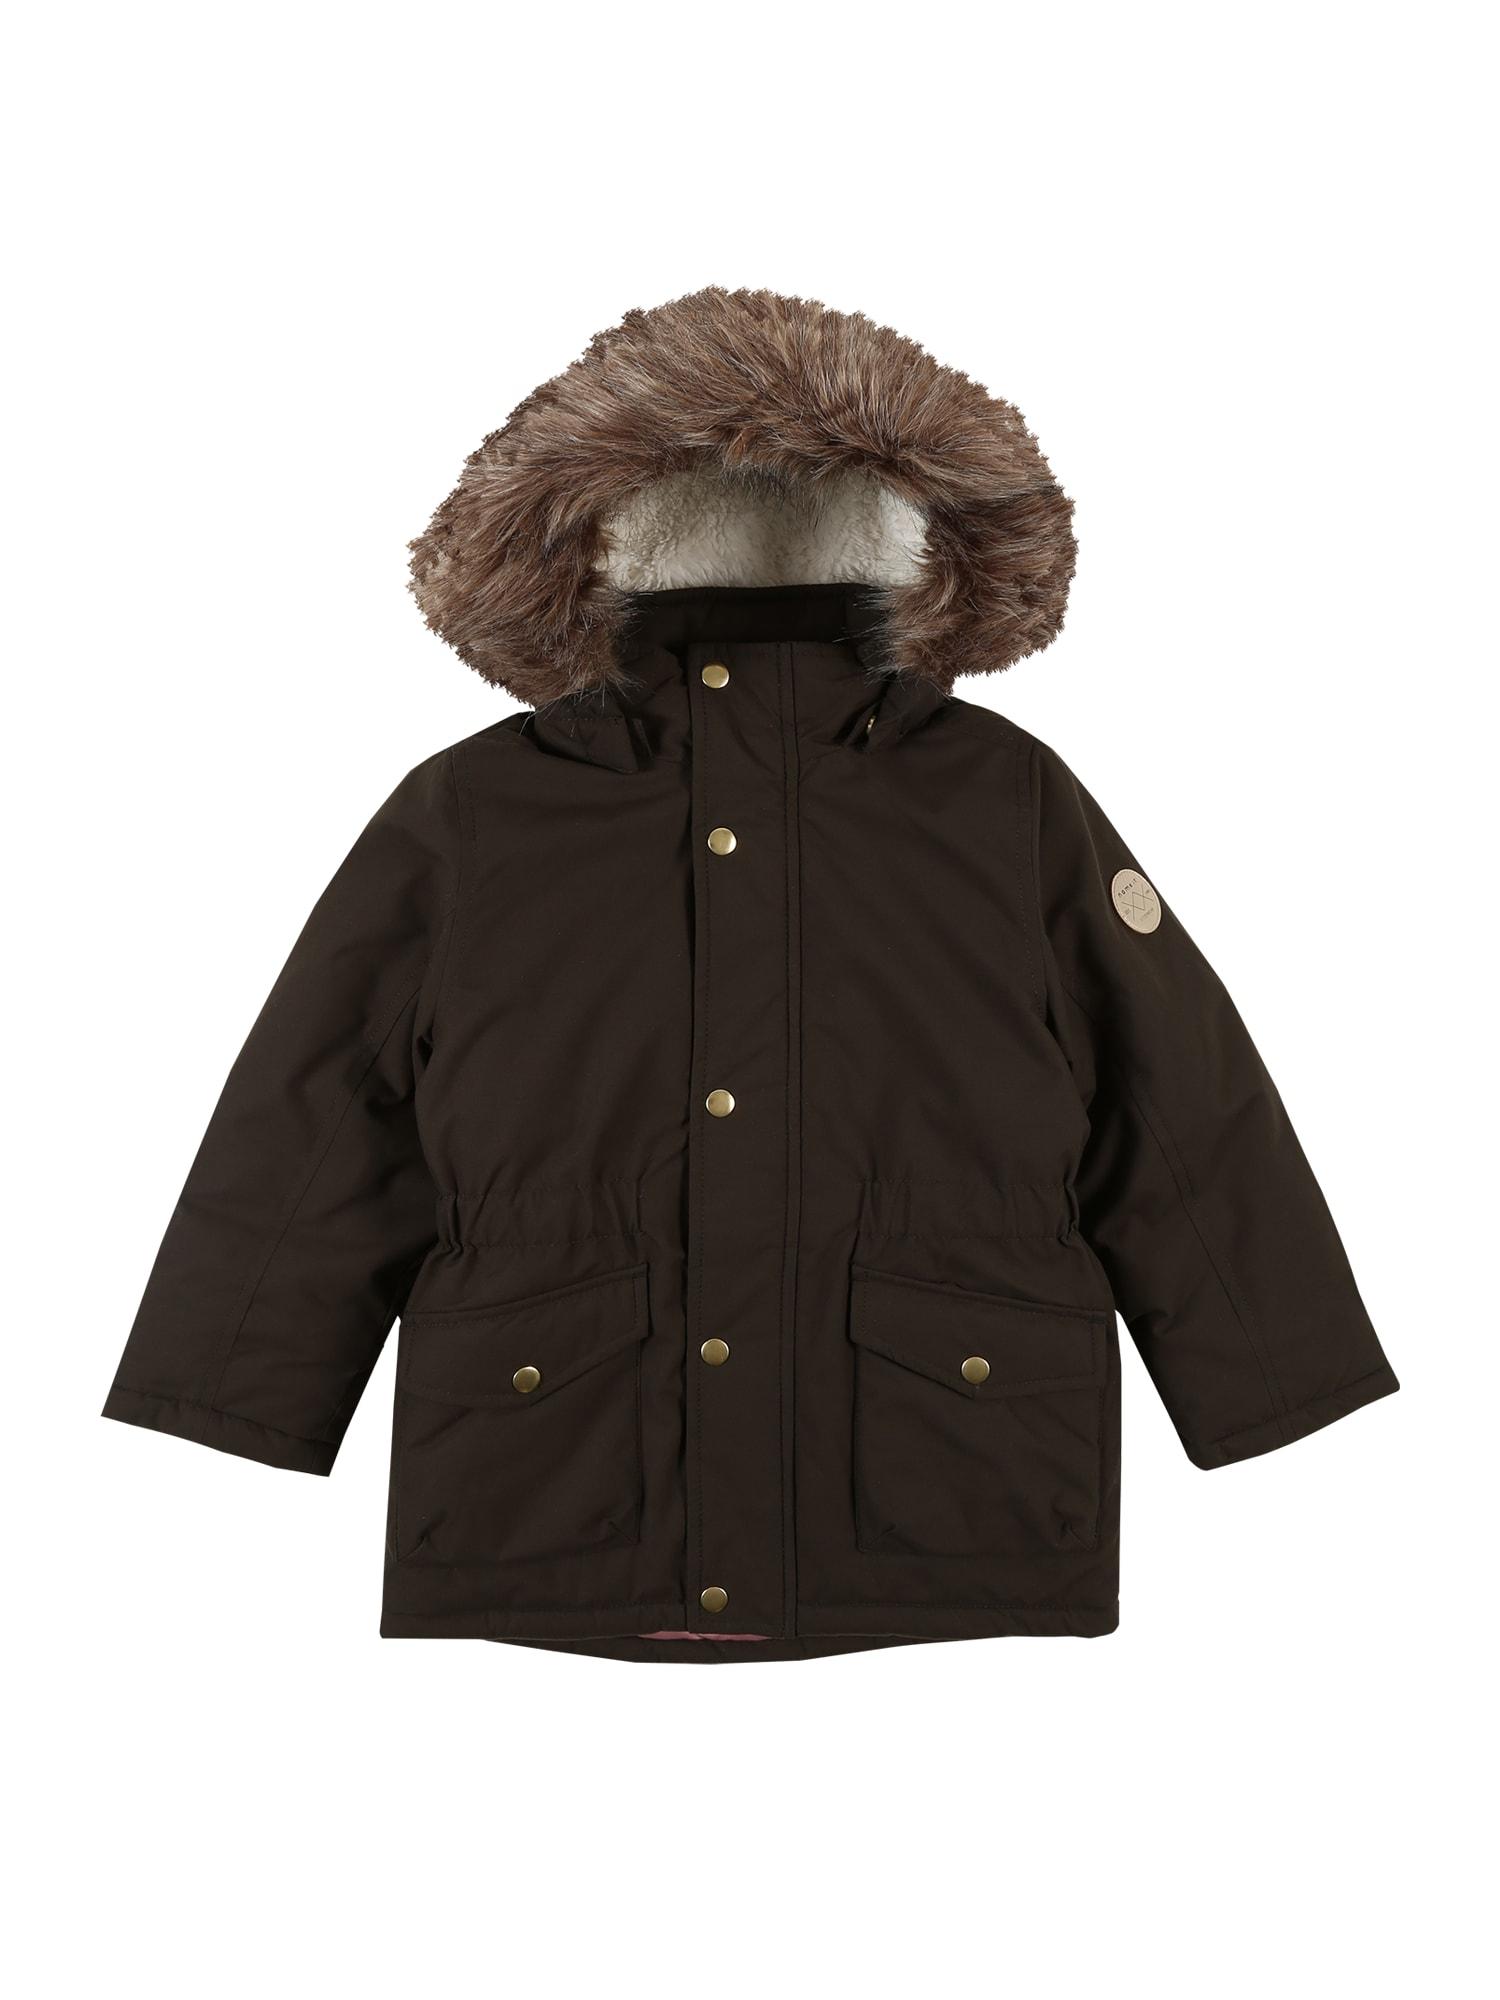 NAME IT Žieminė striukė 'MIBIS' alyvuogių spalva / tamsiai ruda